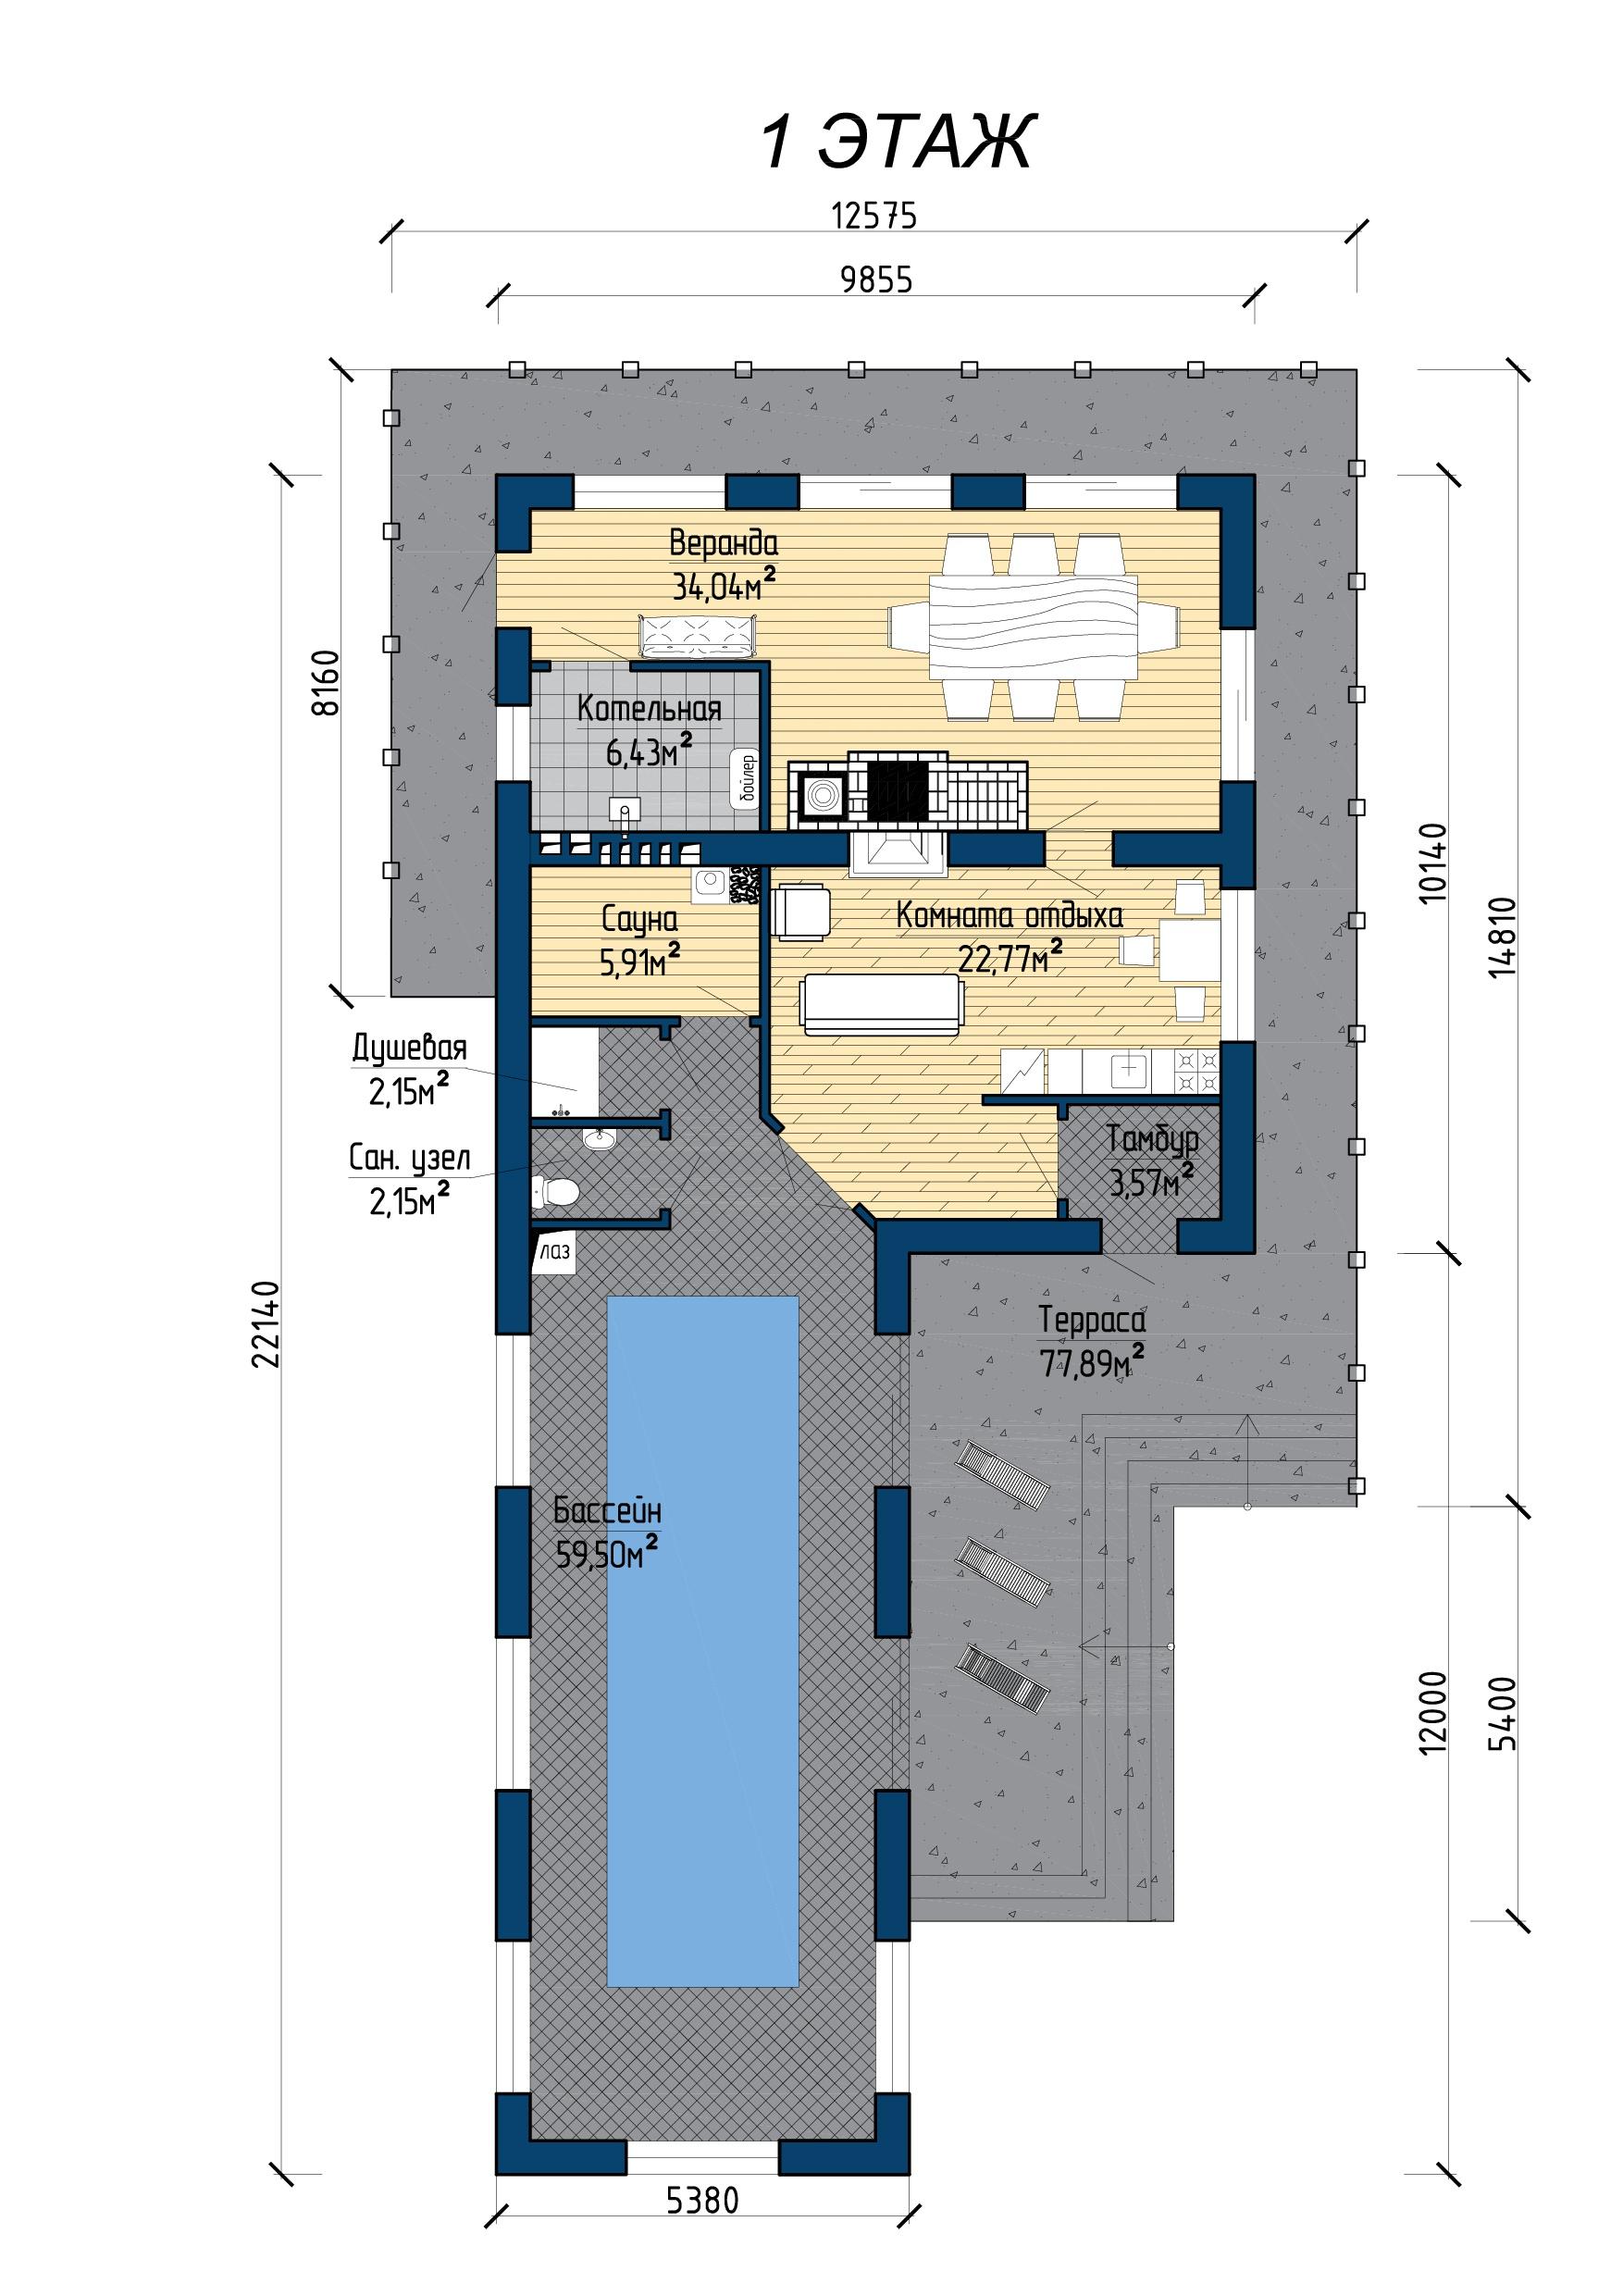 Банный комплекс с бассейном. Б 320 план